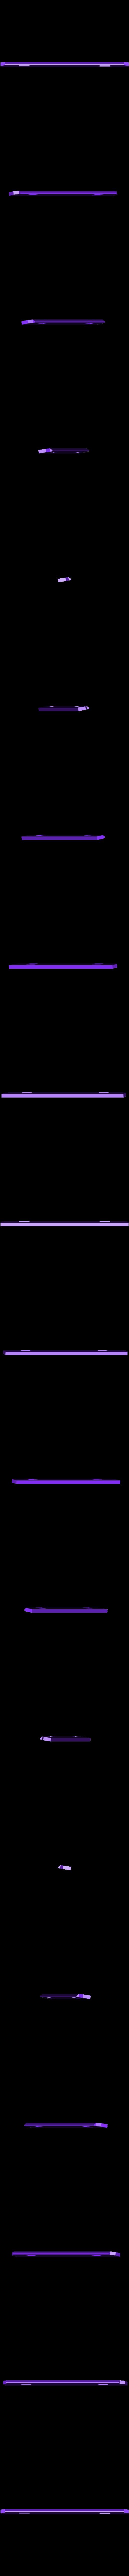 Phone_Winkel_fixed.stl Télécharger fichier STL gratuit haut-parleur mp3 pour smartphone • Modèle pour imprimante 3D, Caghon3d